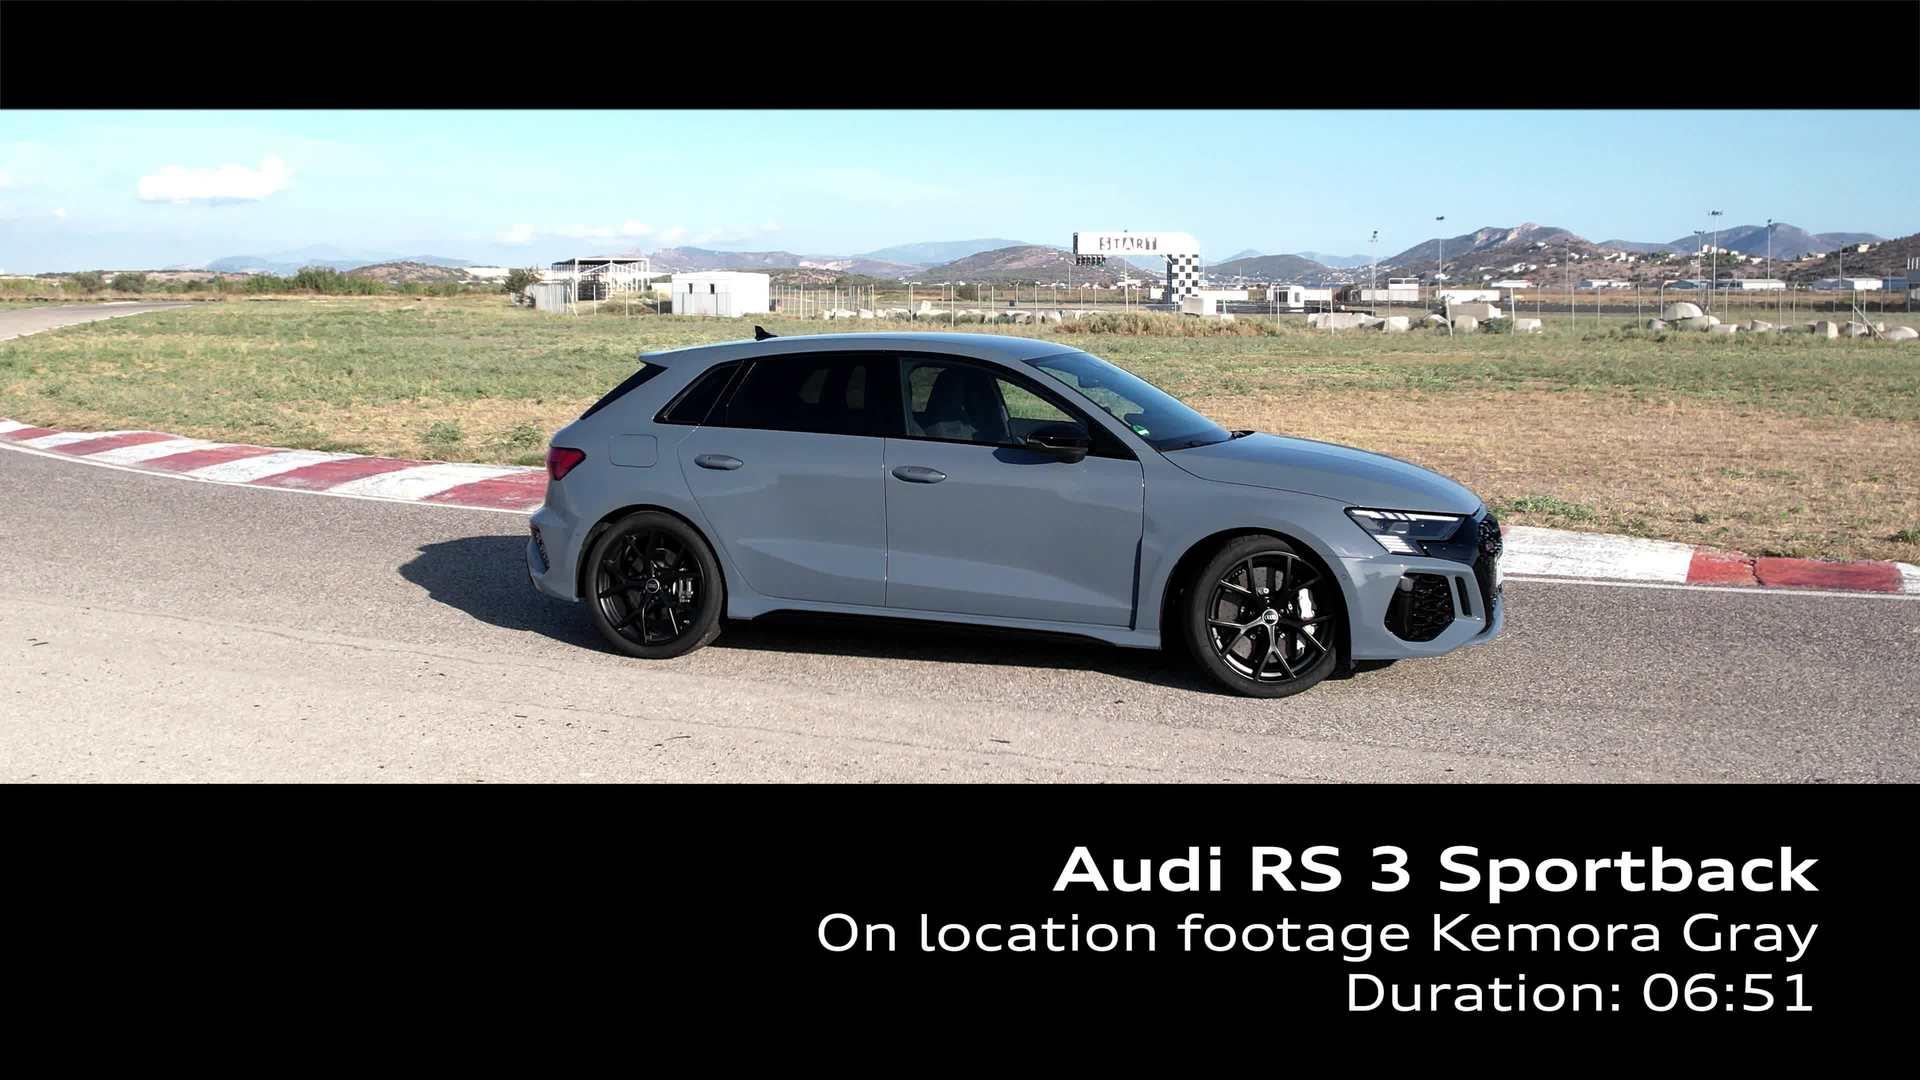 Footage: Audi RS 3 Sportback Kemoragrau auf der Rennstrecke